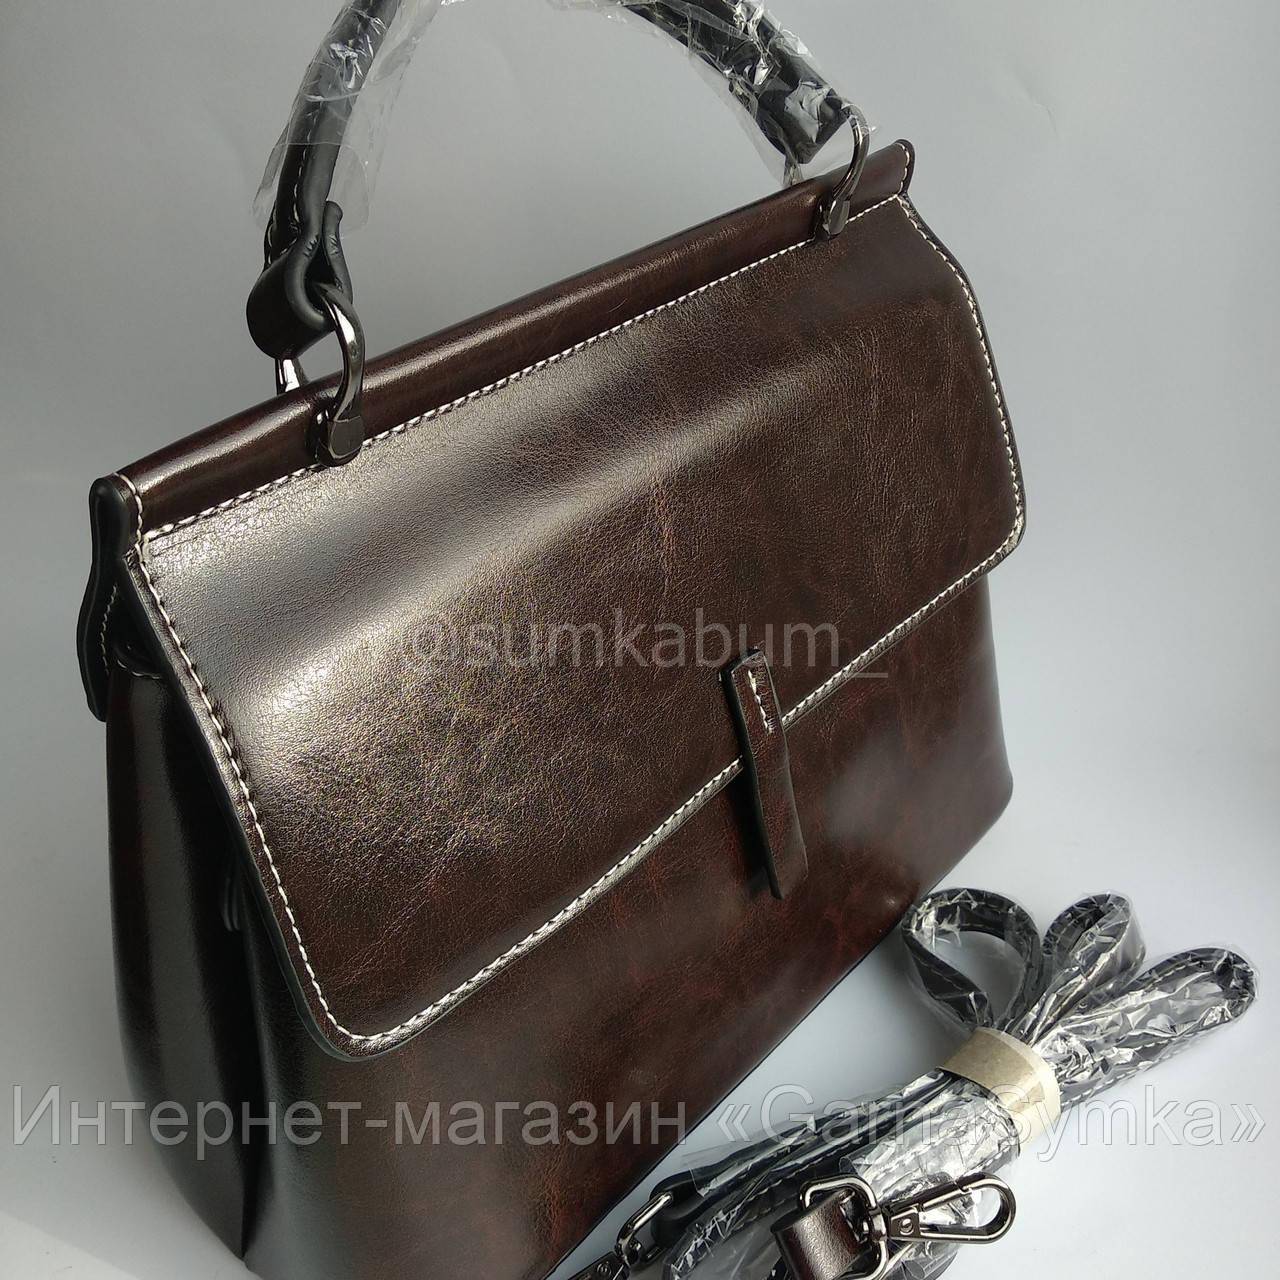 Красивая сумочка из натуральной высококачественной воловьей кожи